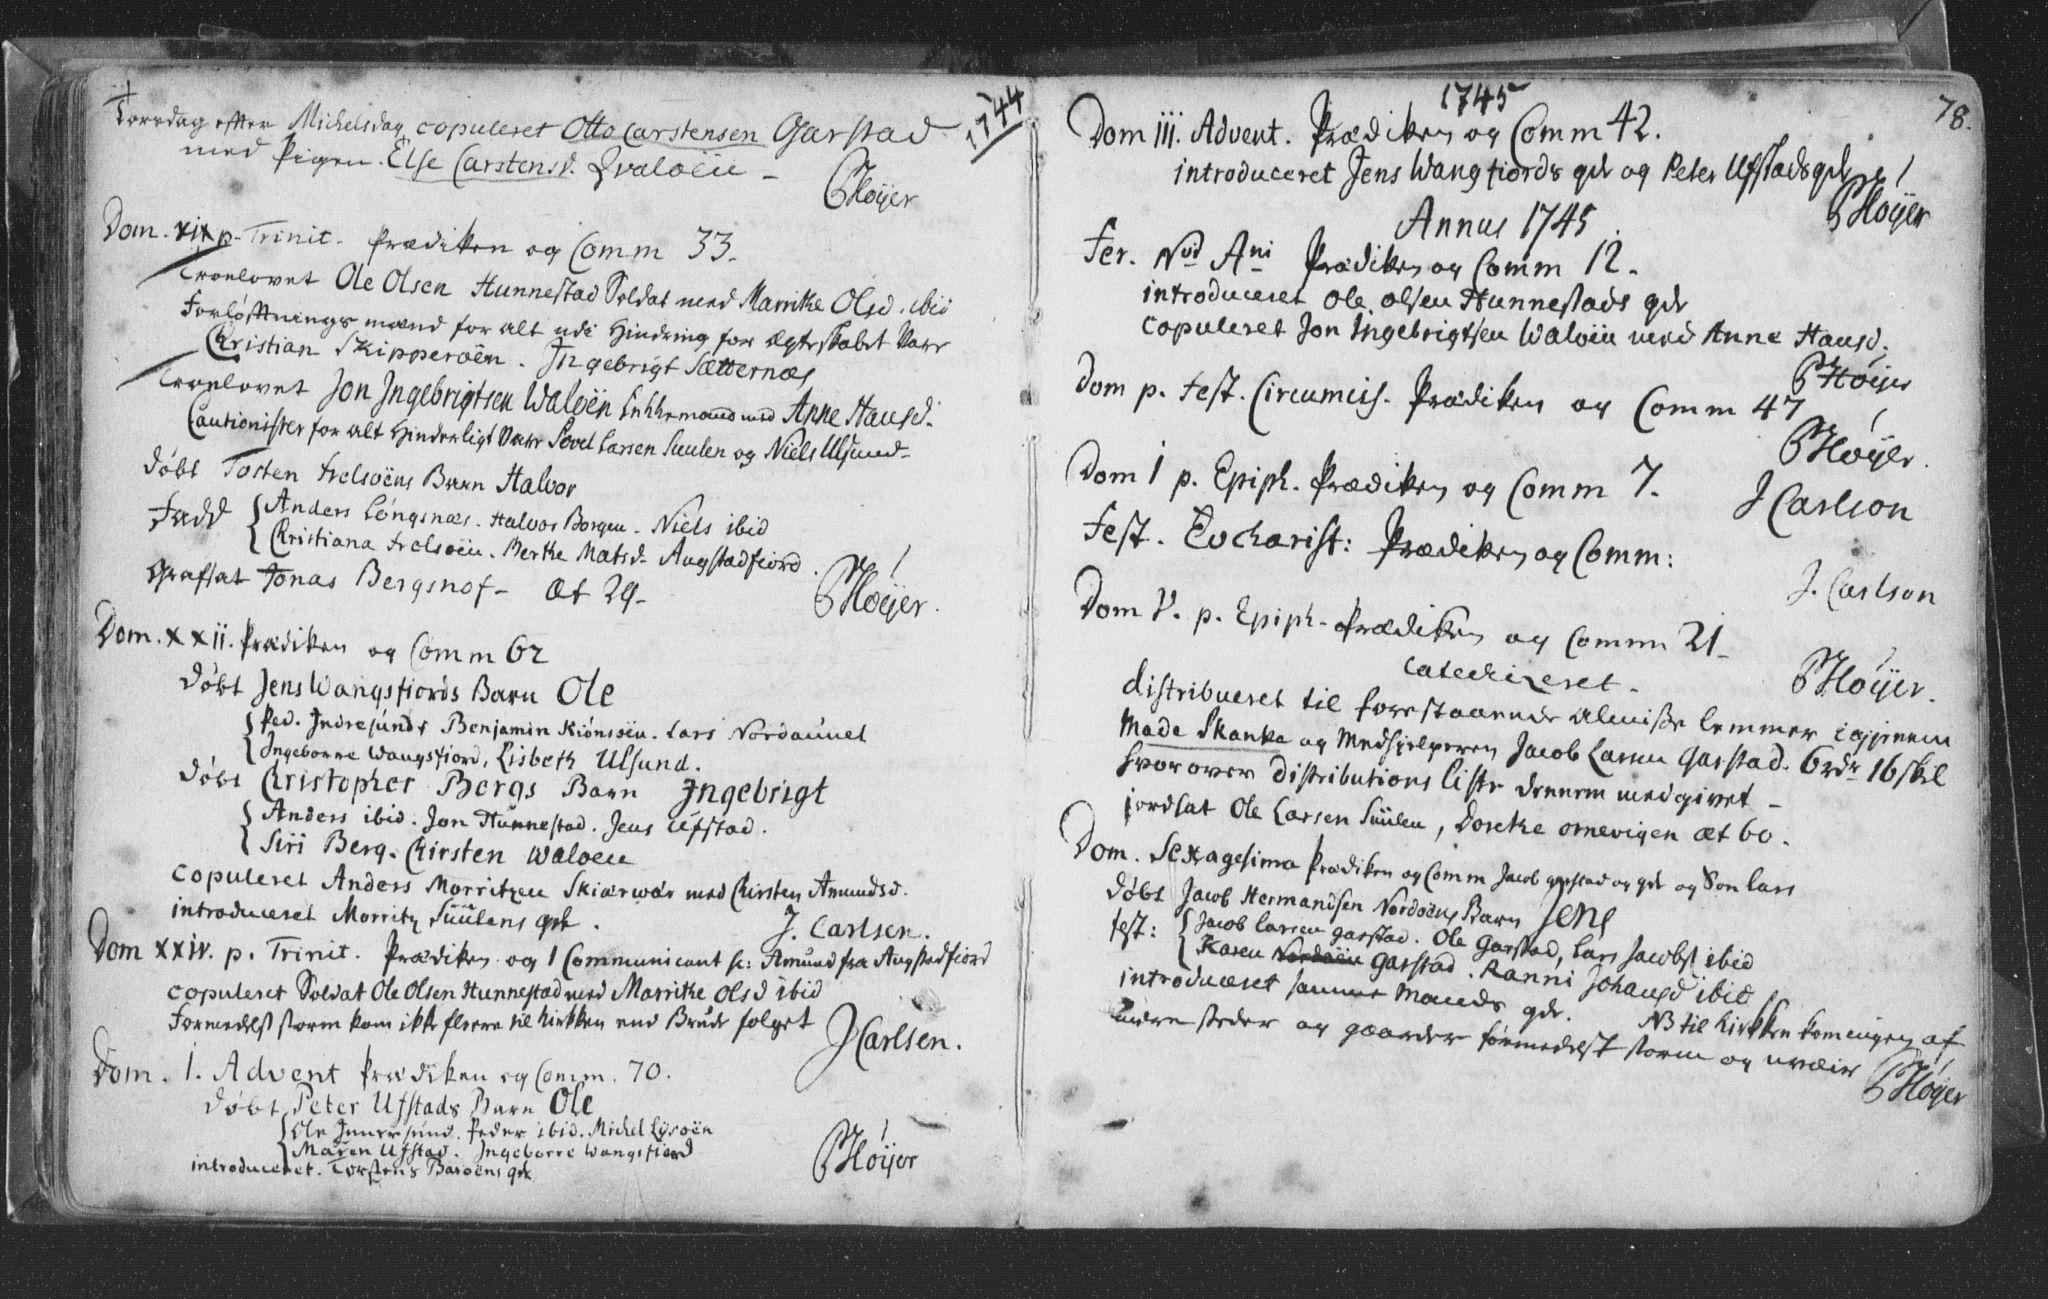 SAT, Ministerialprotokoller, klokkerbøker og fødselsregistre - Nord-Trøndelag, 786/L0685: Ministerialbok nr. 786A01, 1710-1798, s. 78